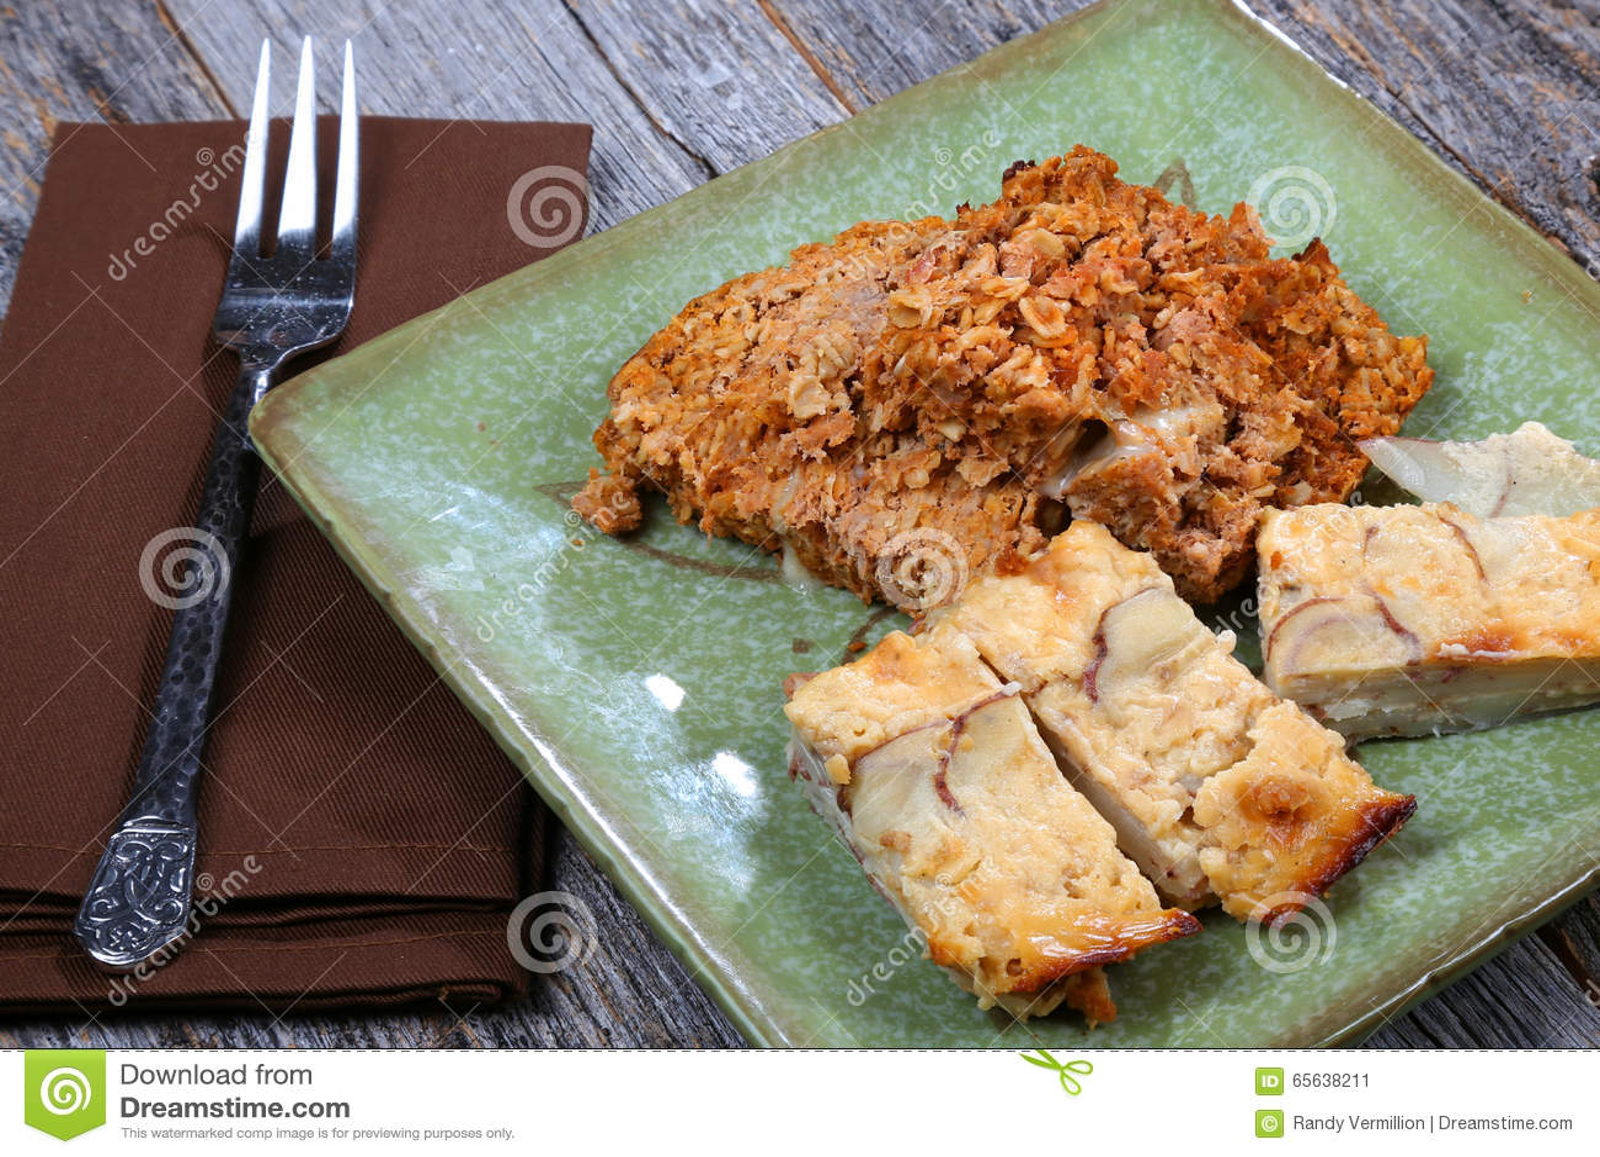 Pain de viande et pommes de terre